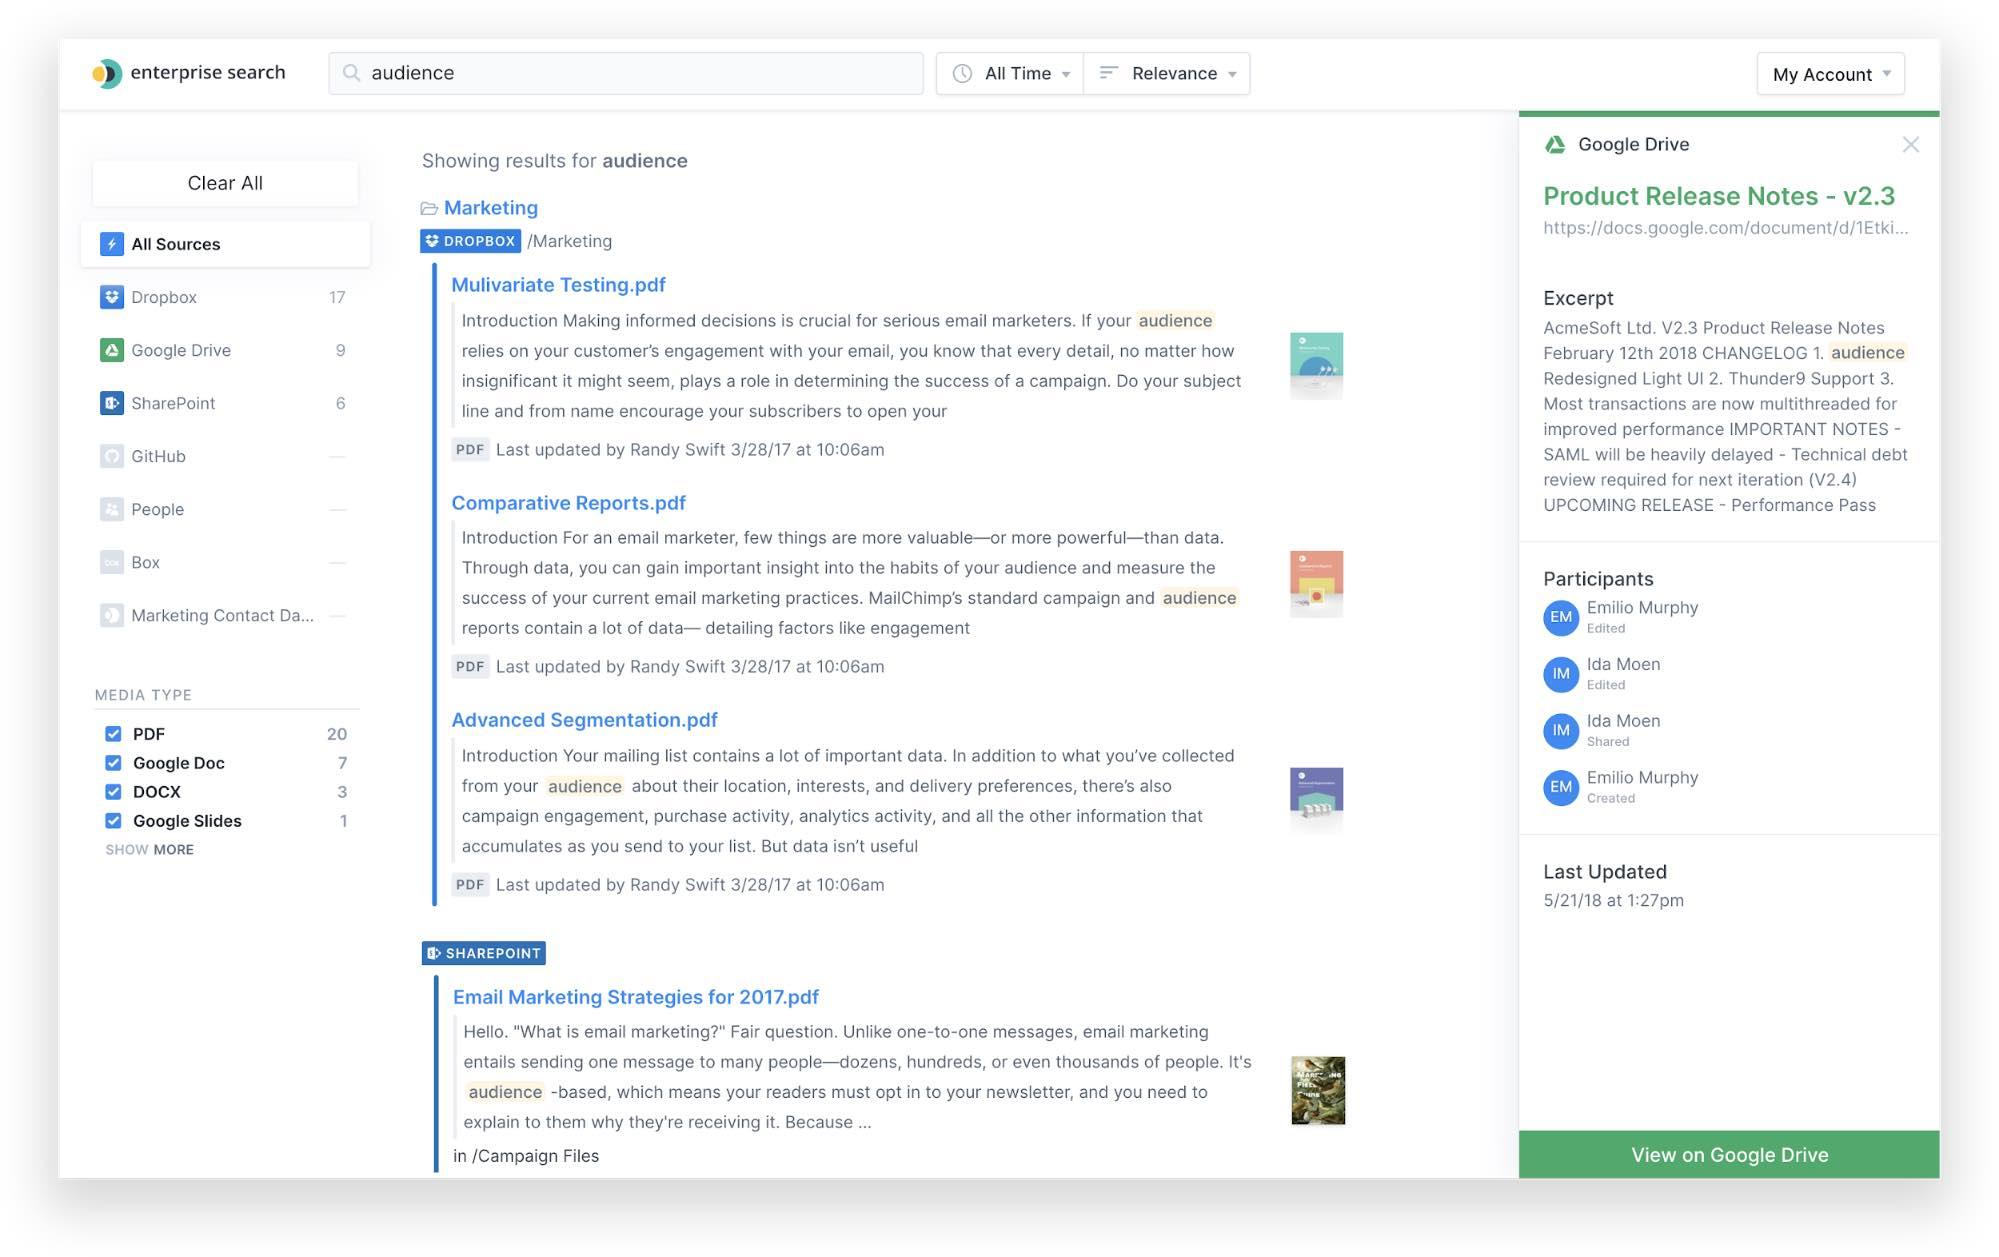 Enterprise Search search results